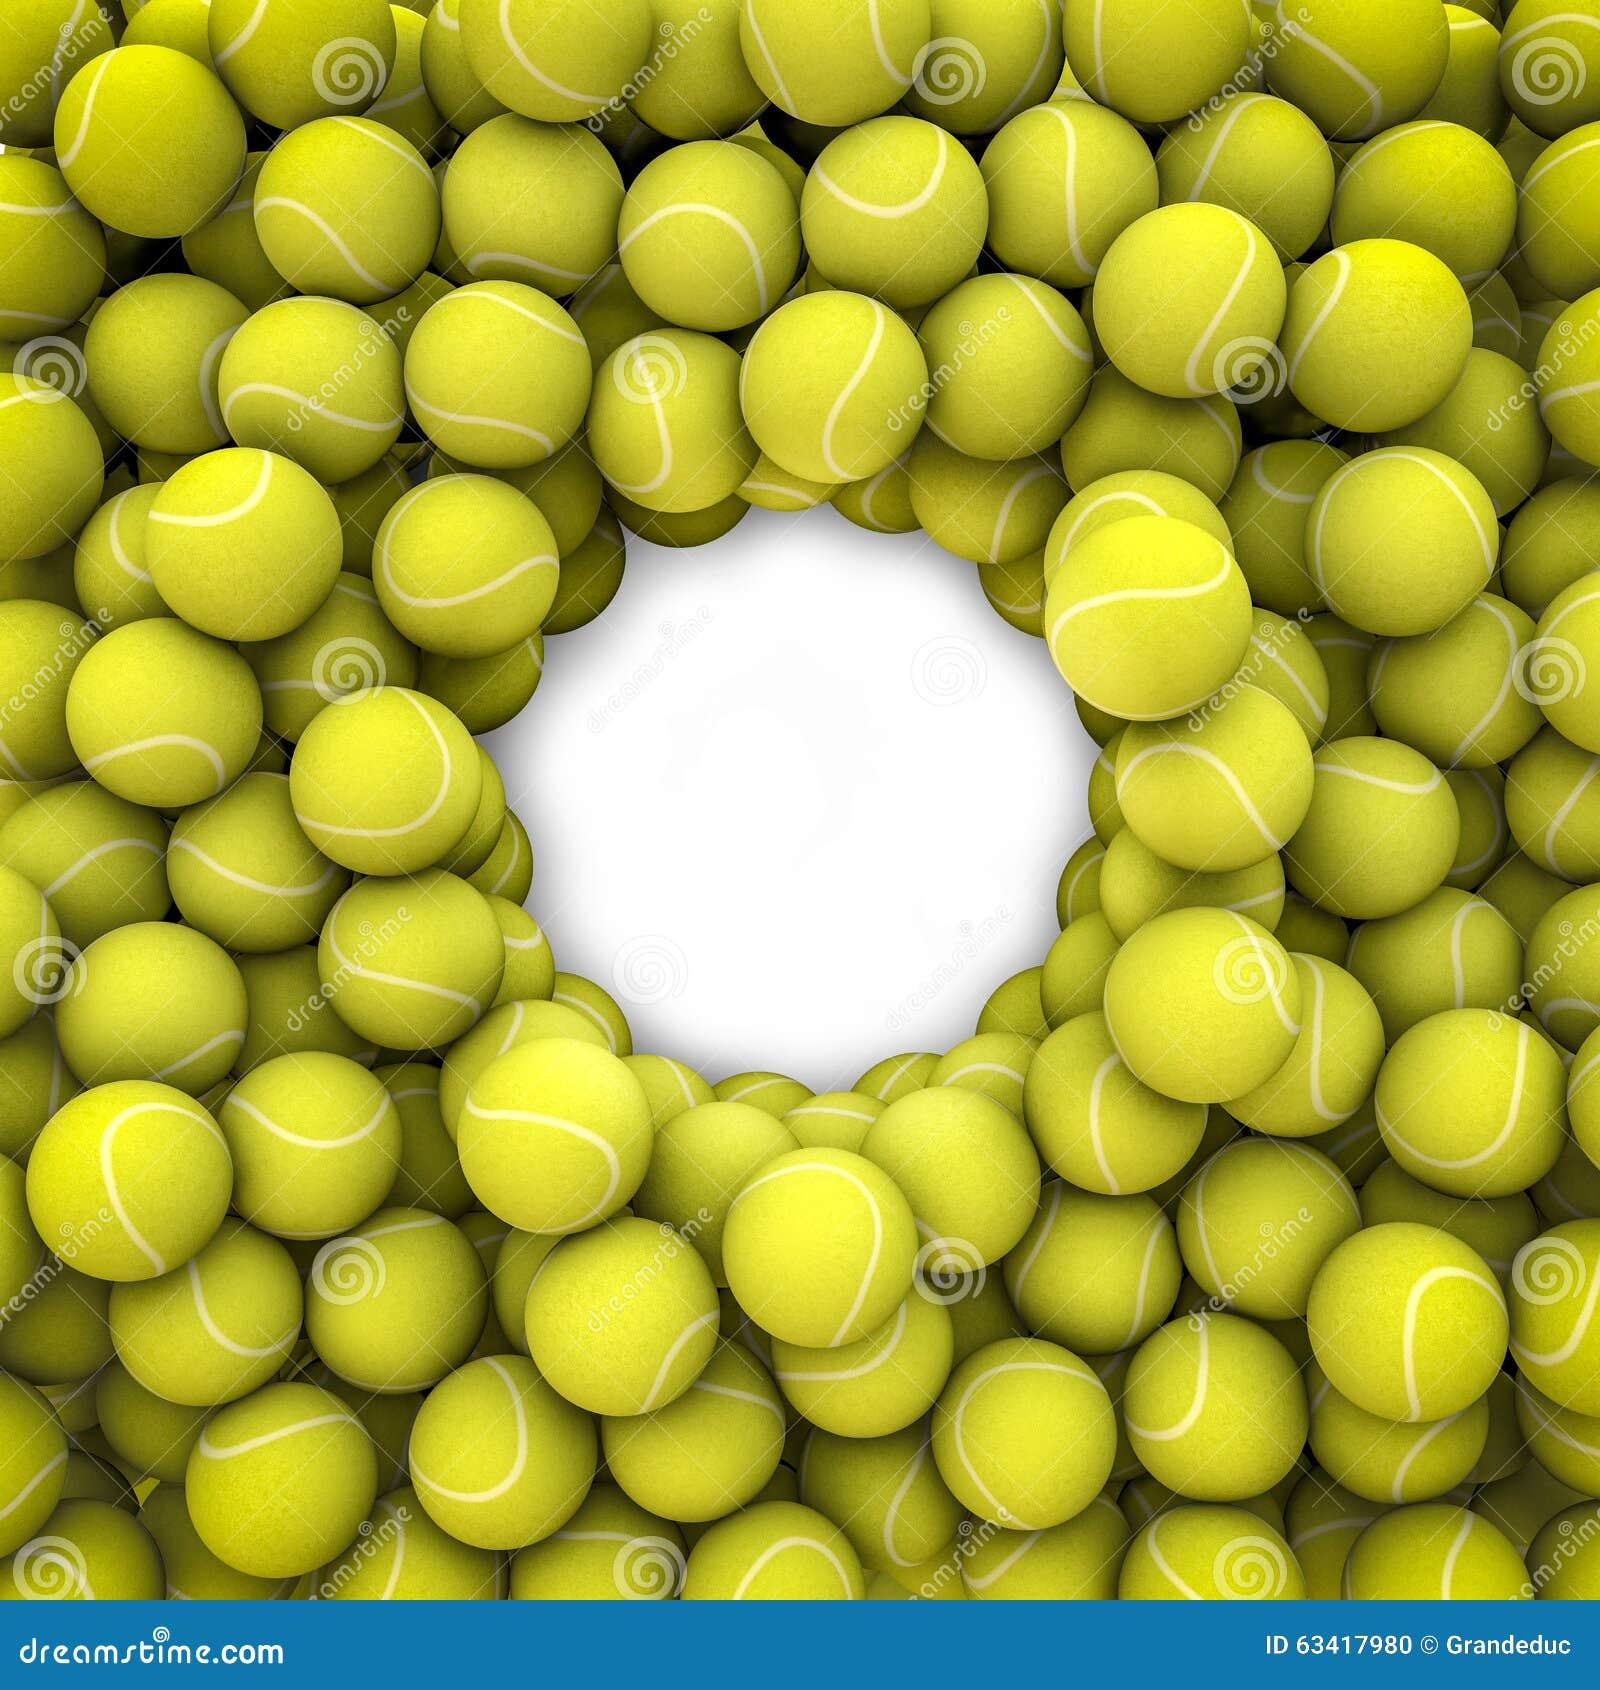 Tenis pelota stock de ilustracion ilustracion libre de stock de - Marco De Las Pelotas De Tenis Stock De Ilustraci N